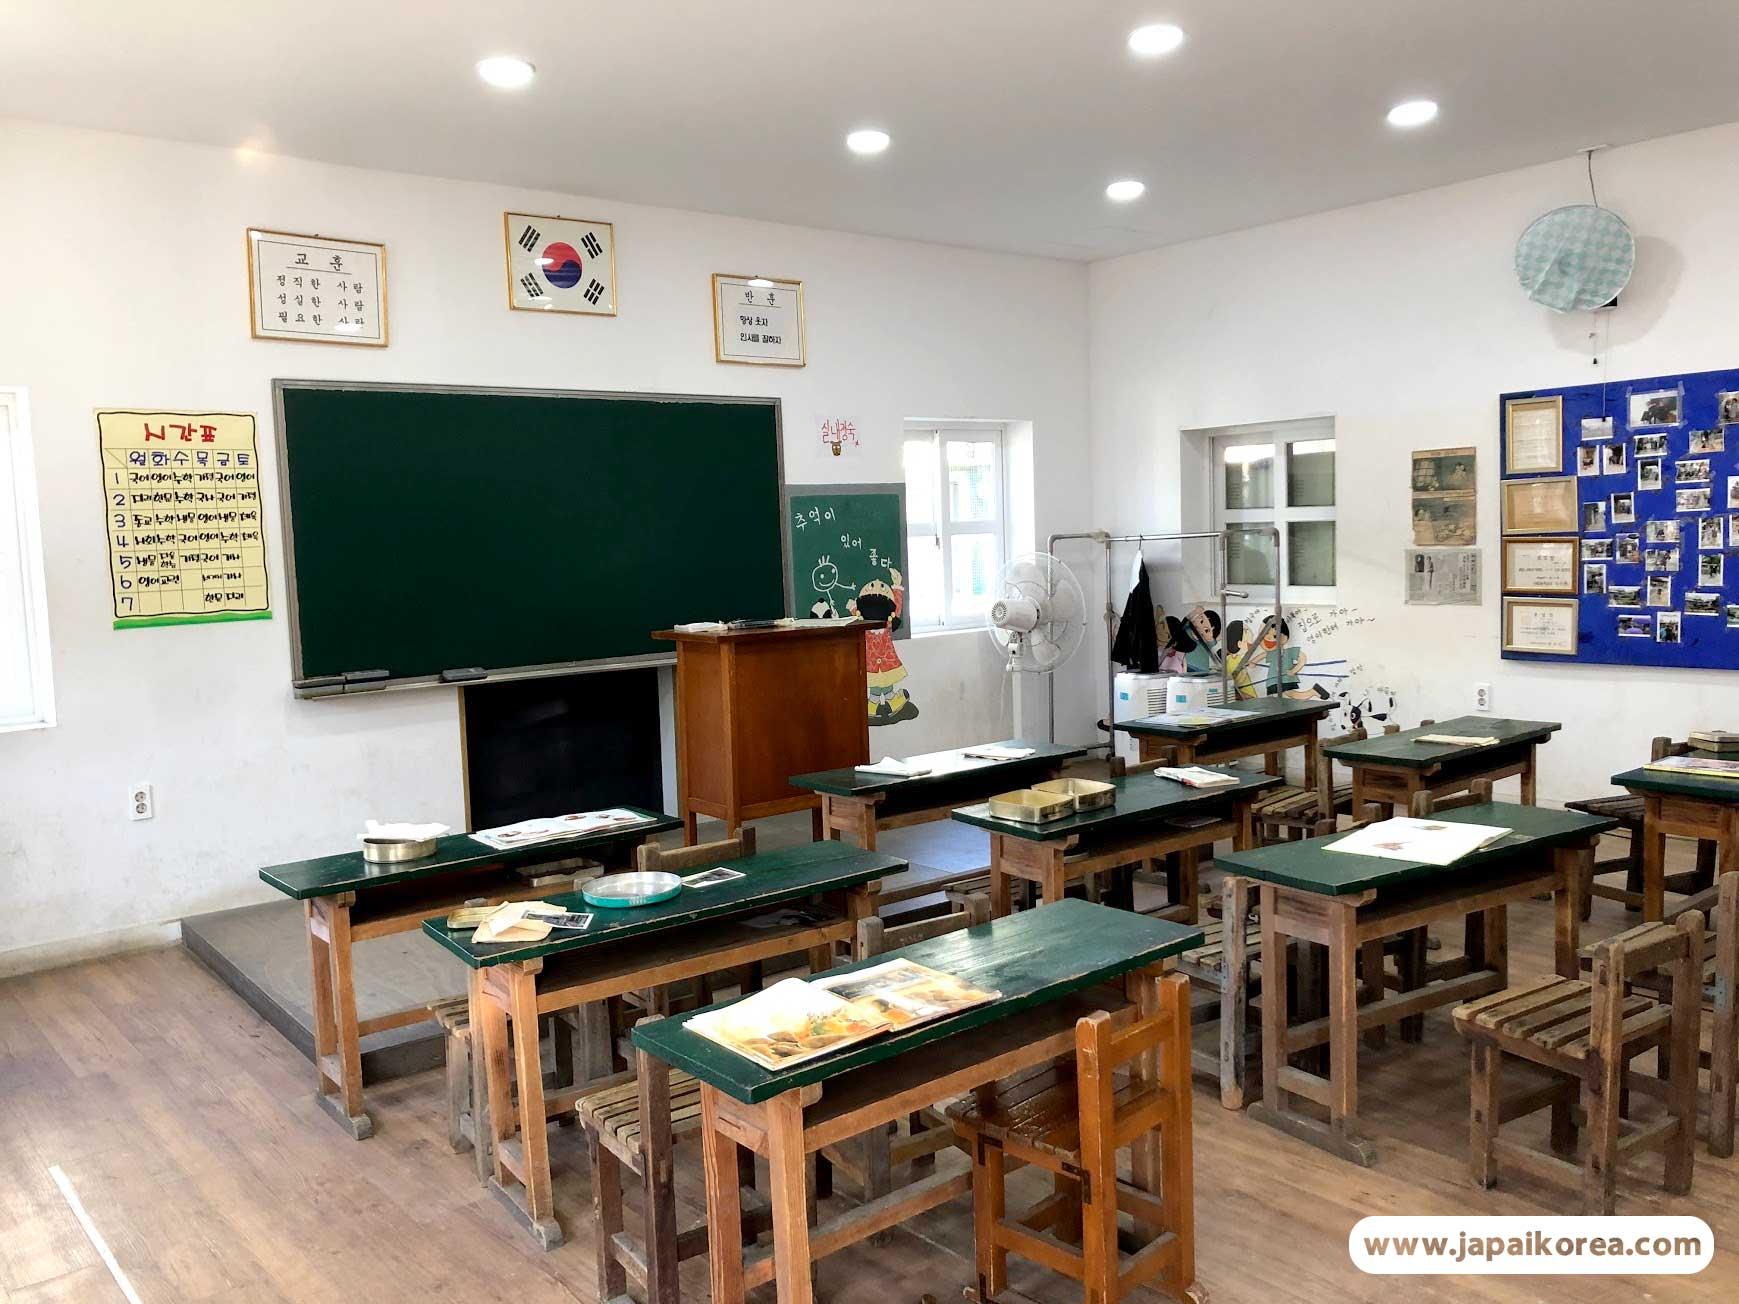 ห้องเรียนสมัยก่อน เกาหลี